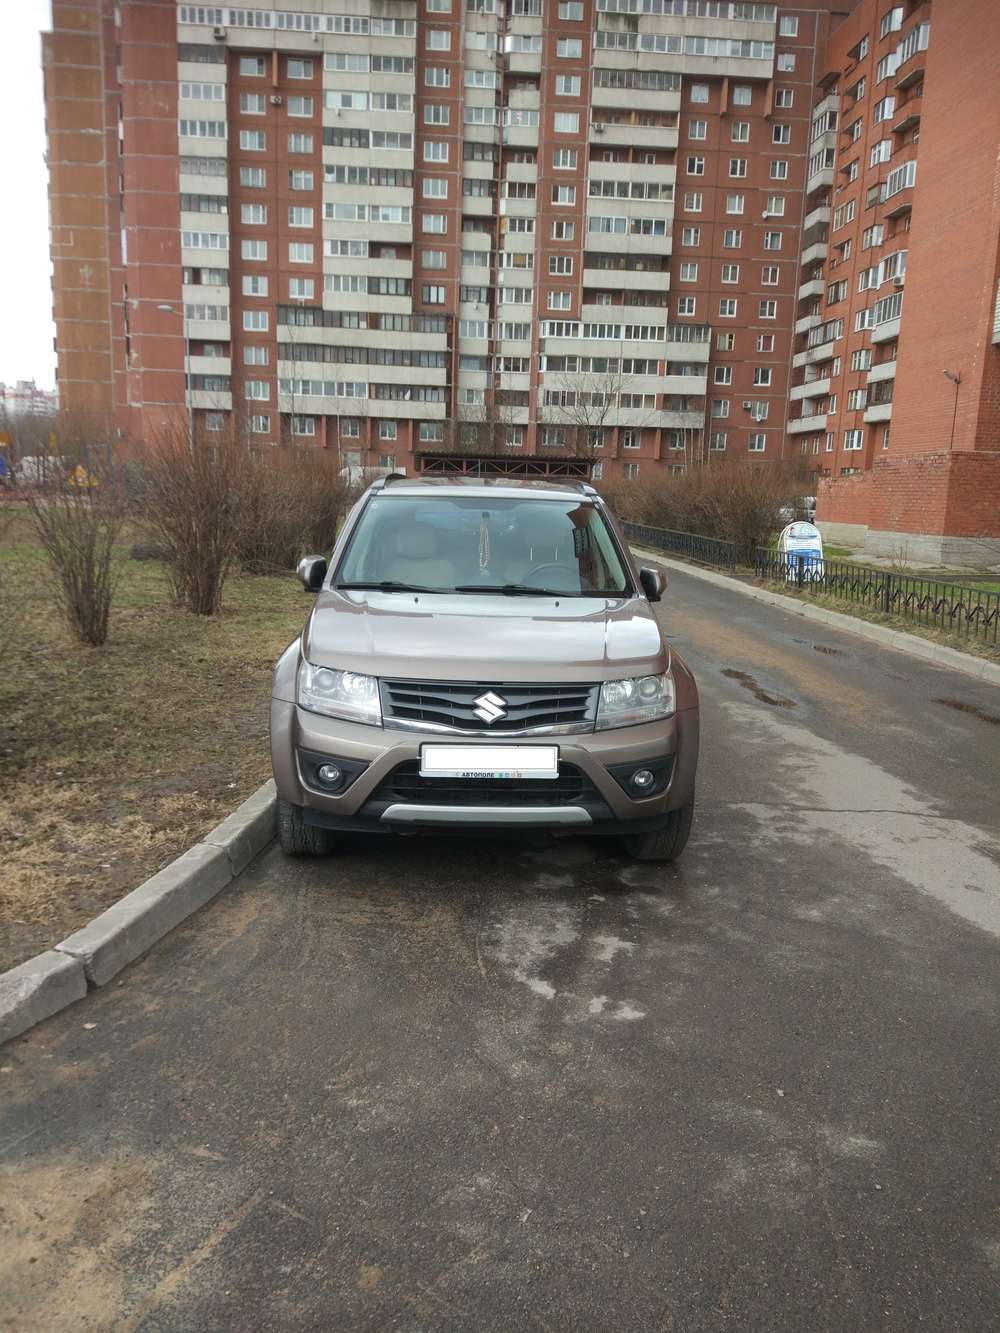 Подержанный Suzuki Grand Vitara, хорошее состояние, бронзовый металлик, 2013 года выпуска, цена 1 010 000 руб. в Санкт-Петербурге